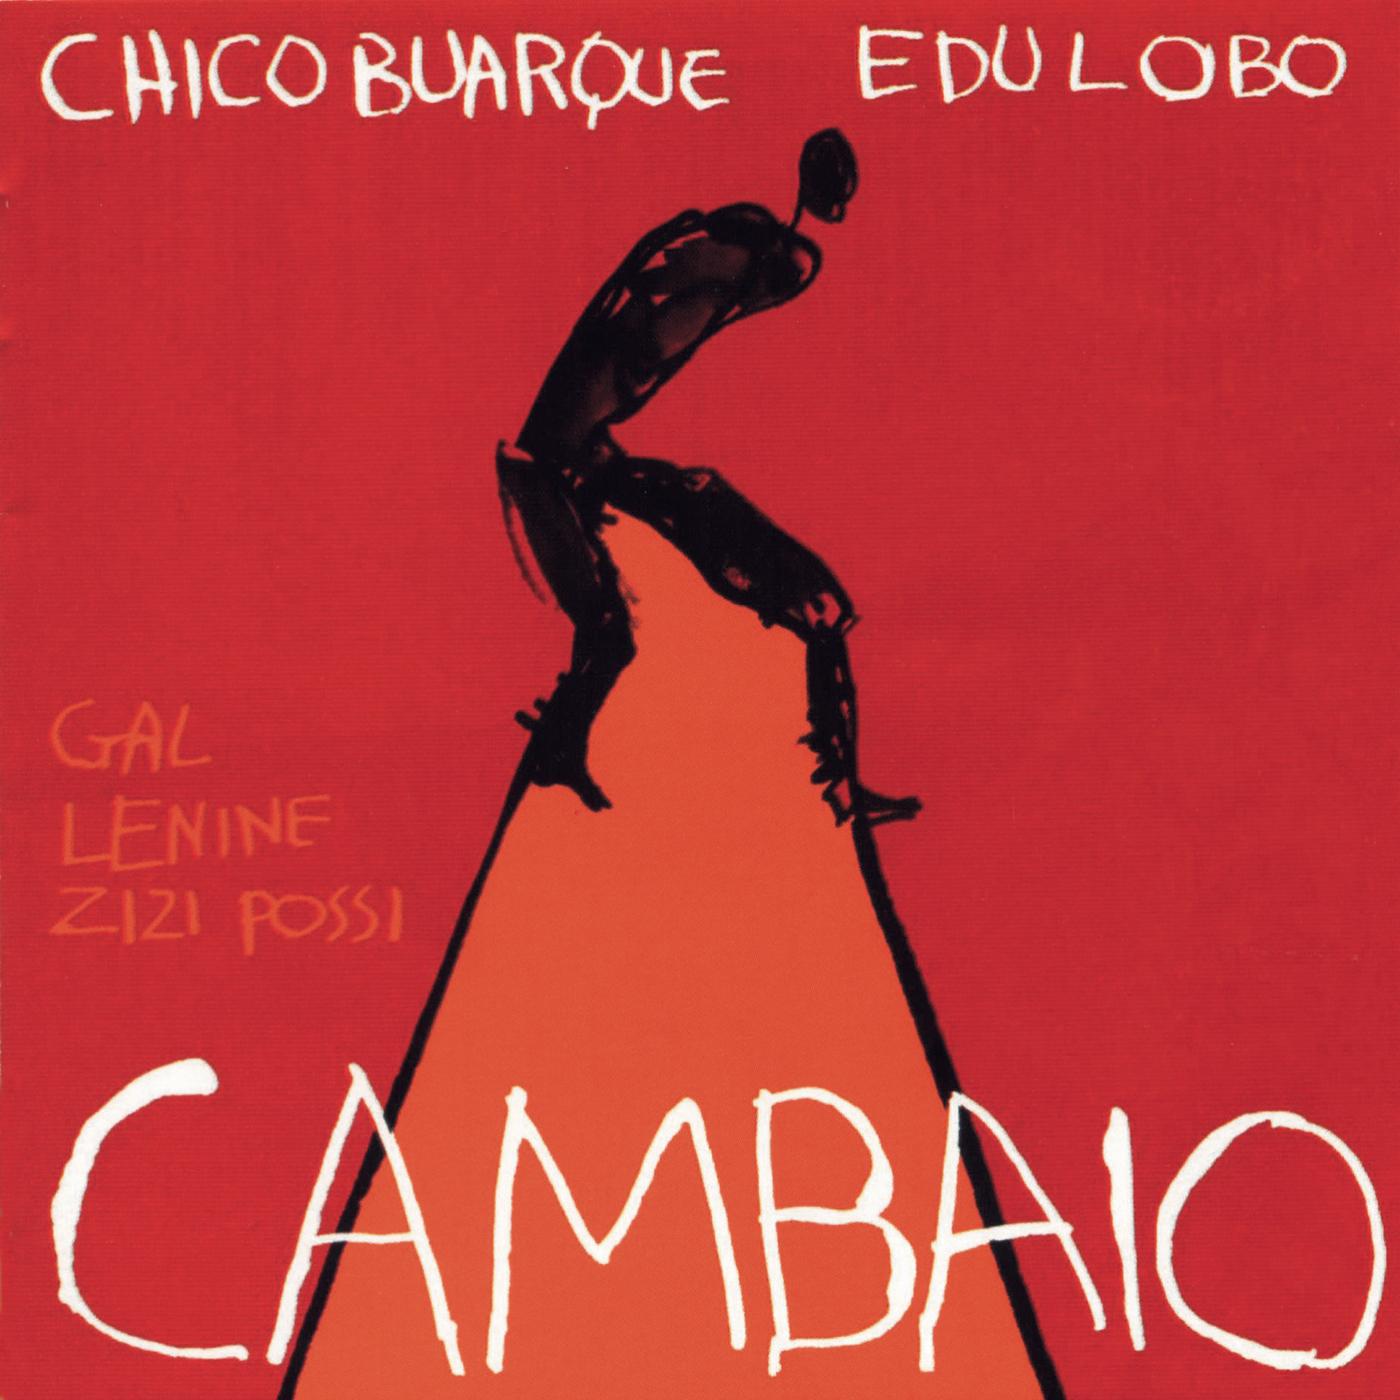 Cambaio - Chico Buarque